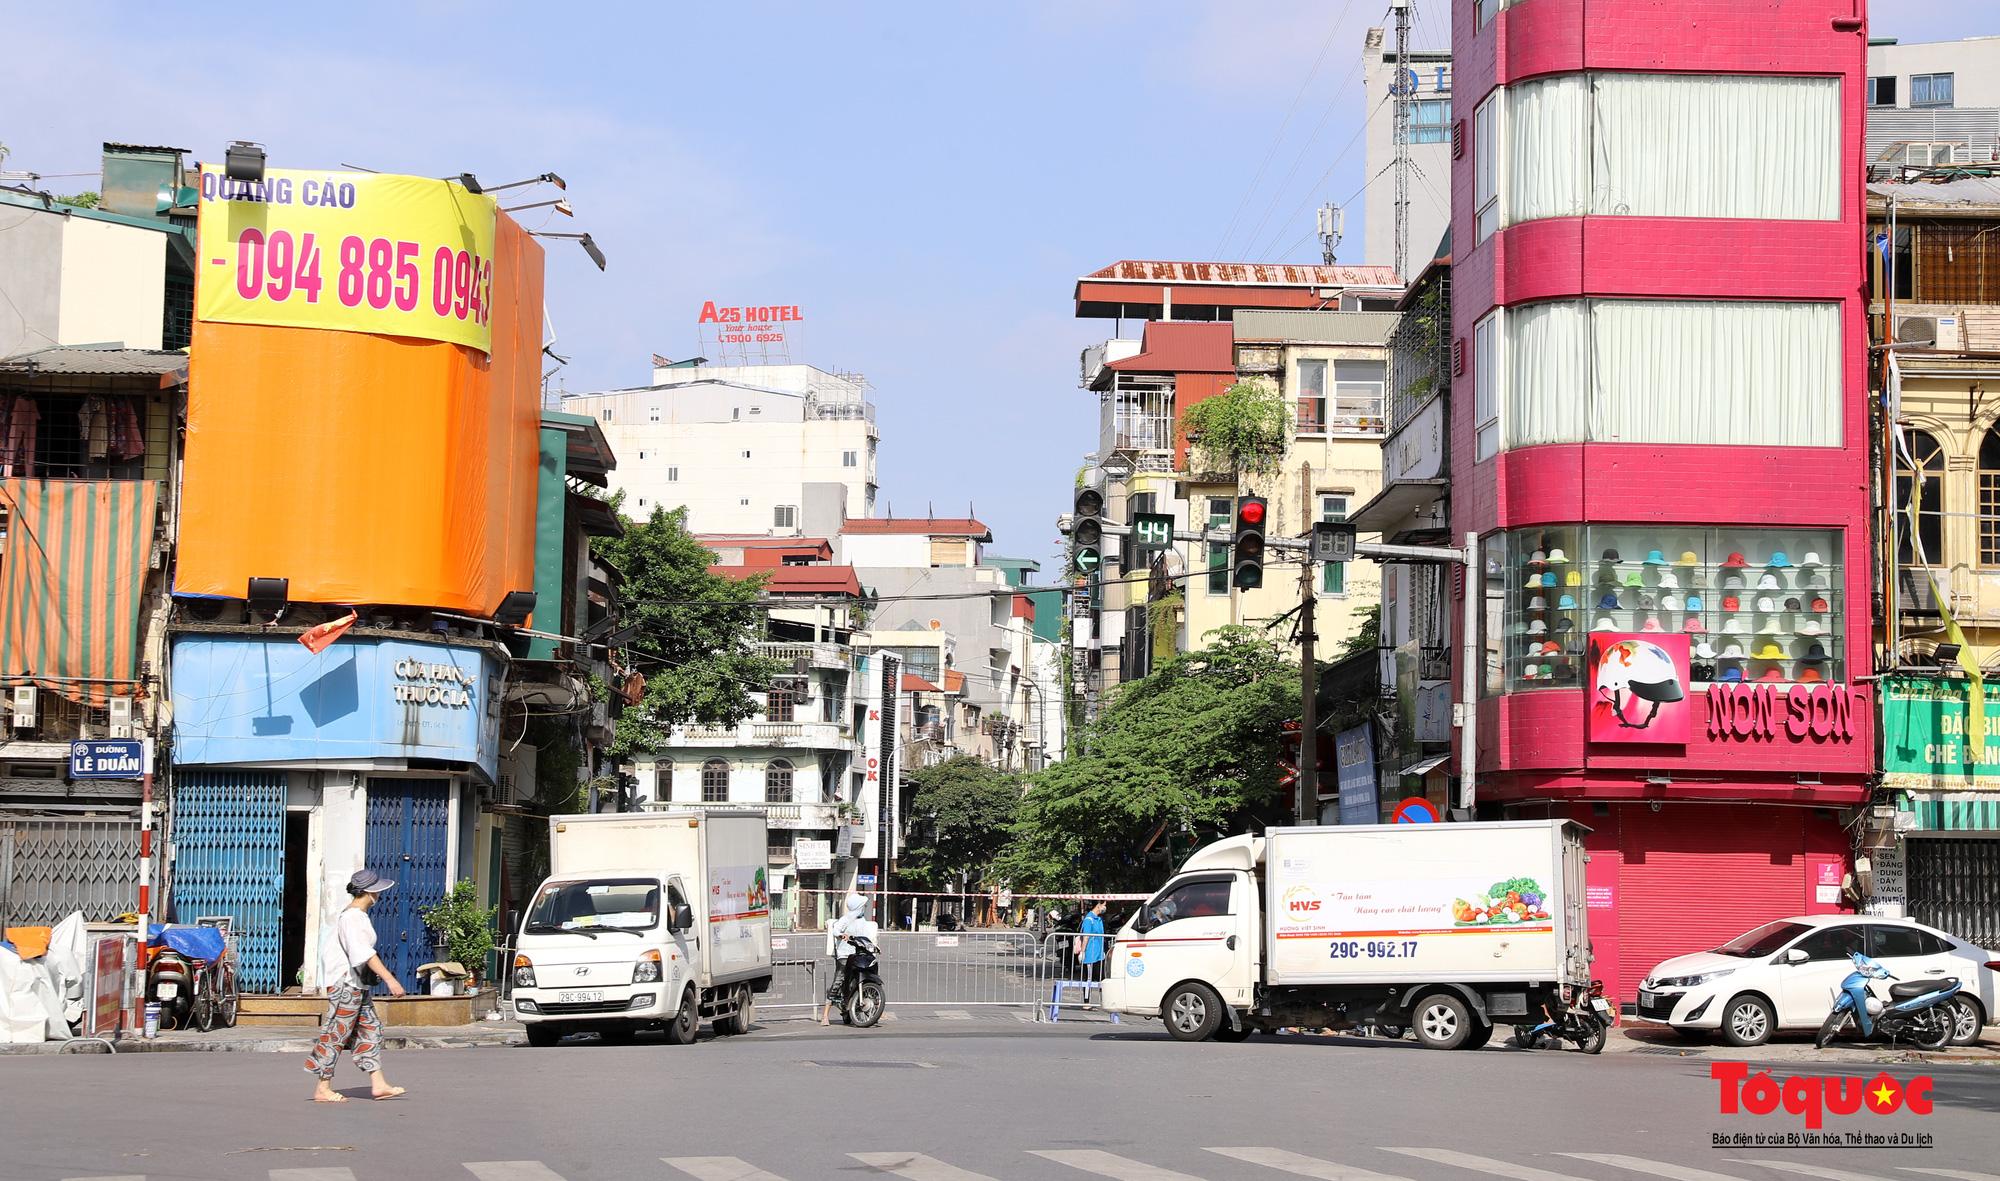 Hà Nội: Phong tỏa 2 phường Văn Miếu, Văn Chương, người dân xếp hàng tiếp tế cho khu cách ly - Ảnh 10.